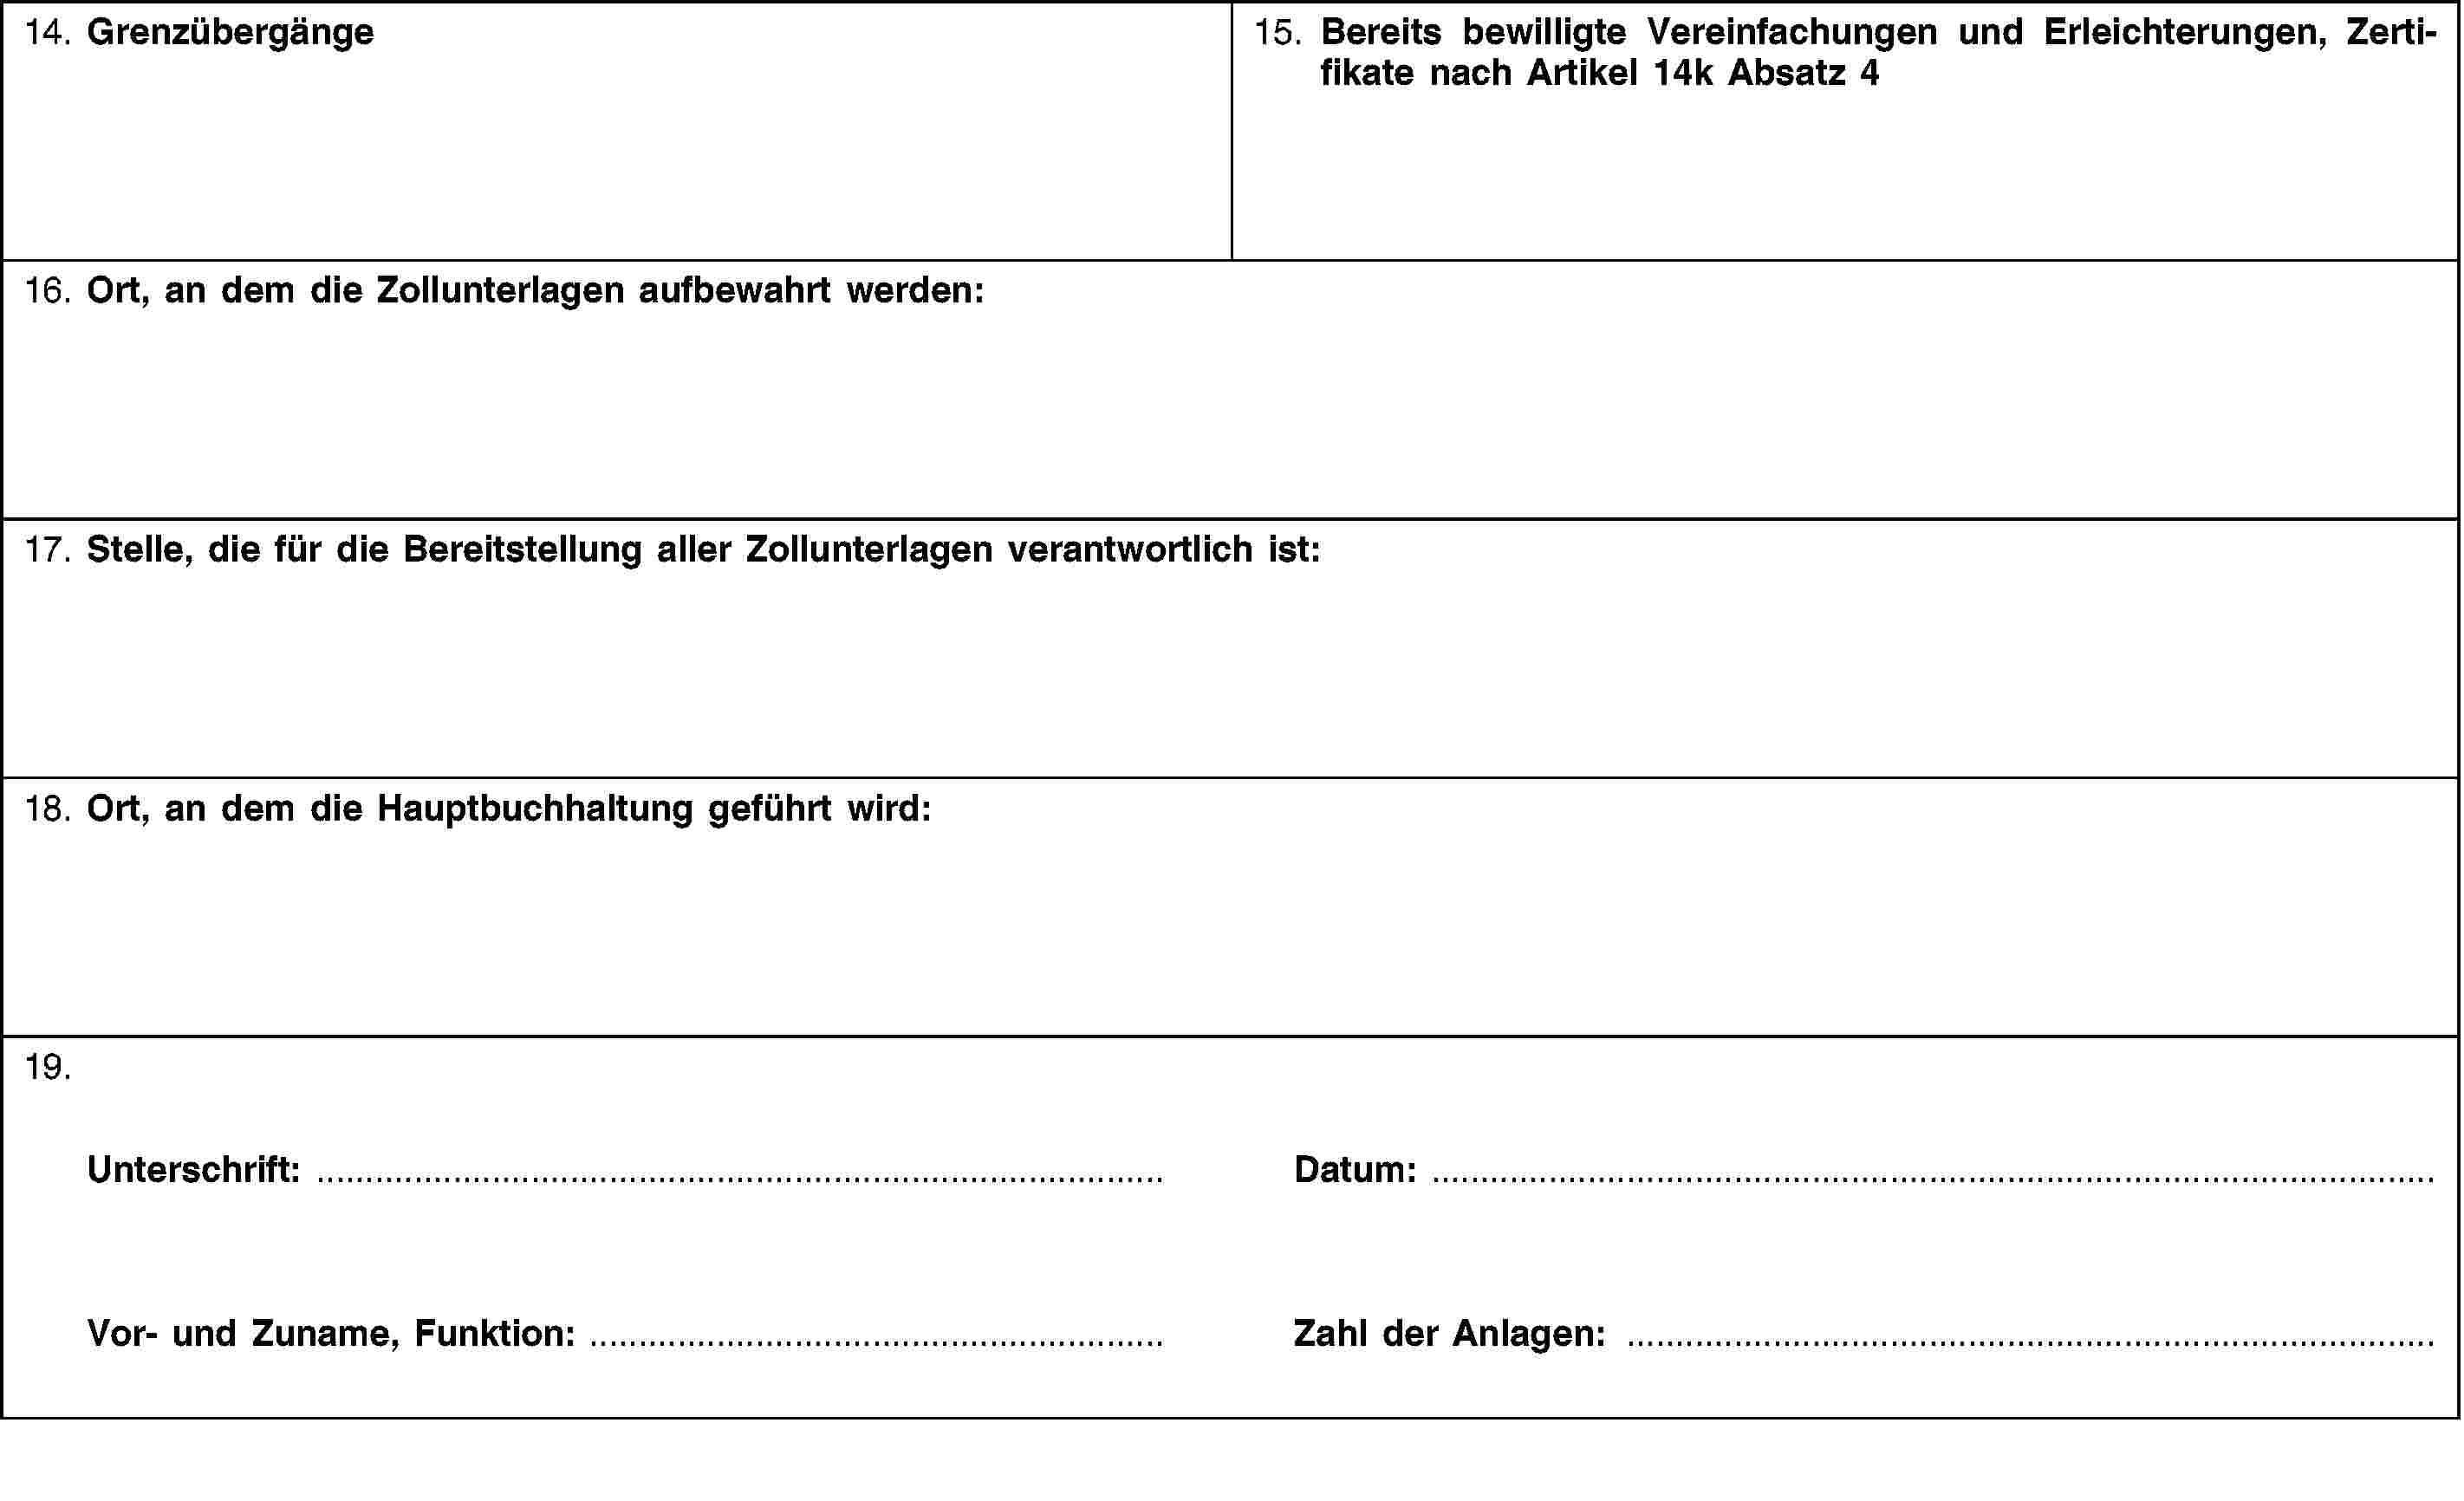 Dorable Angestellt Preis Zertifikat Vorlagen Adornment - FORTSETZUNG ...